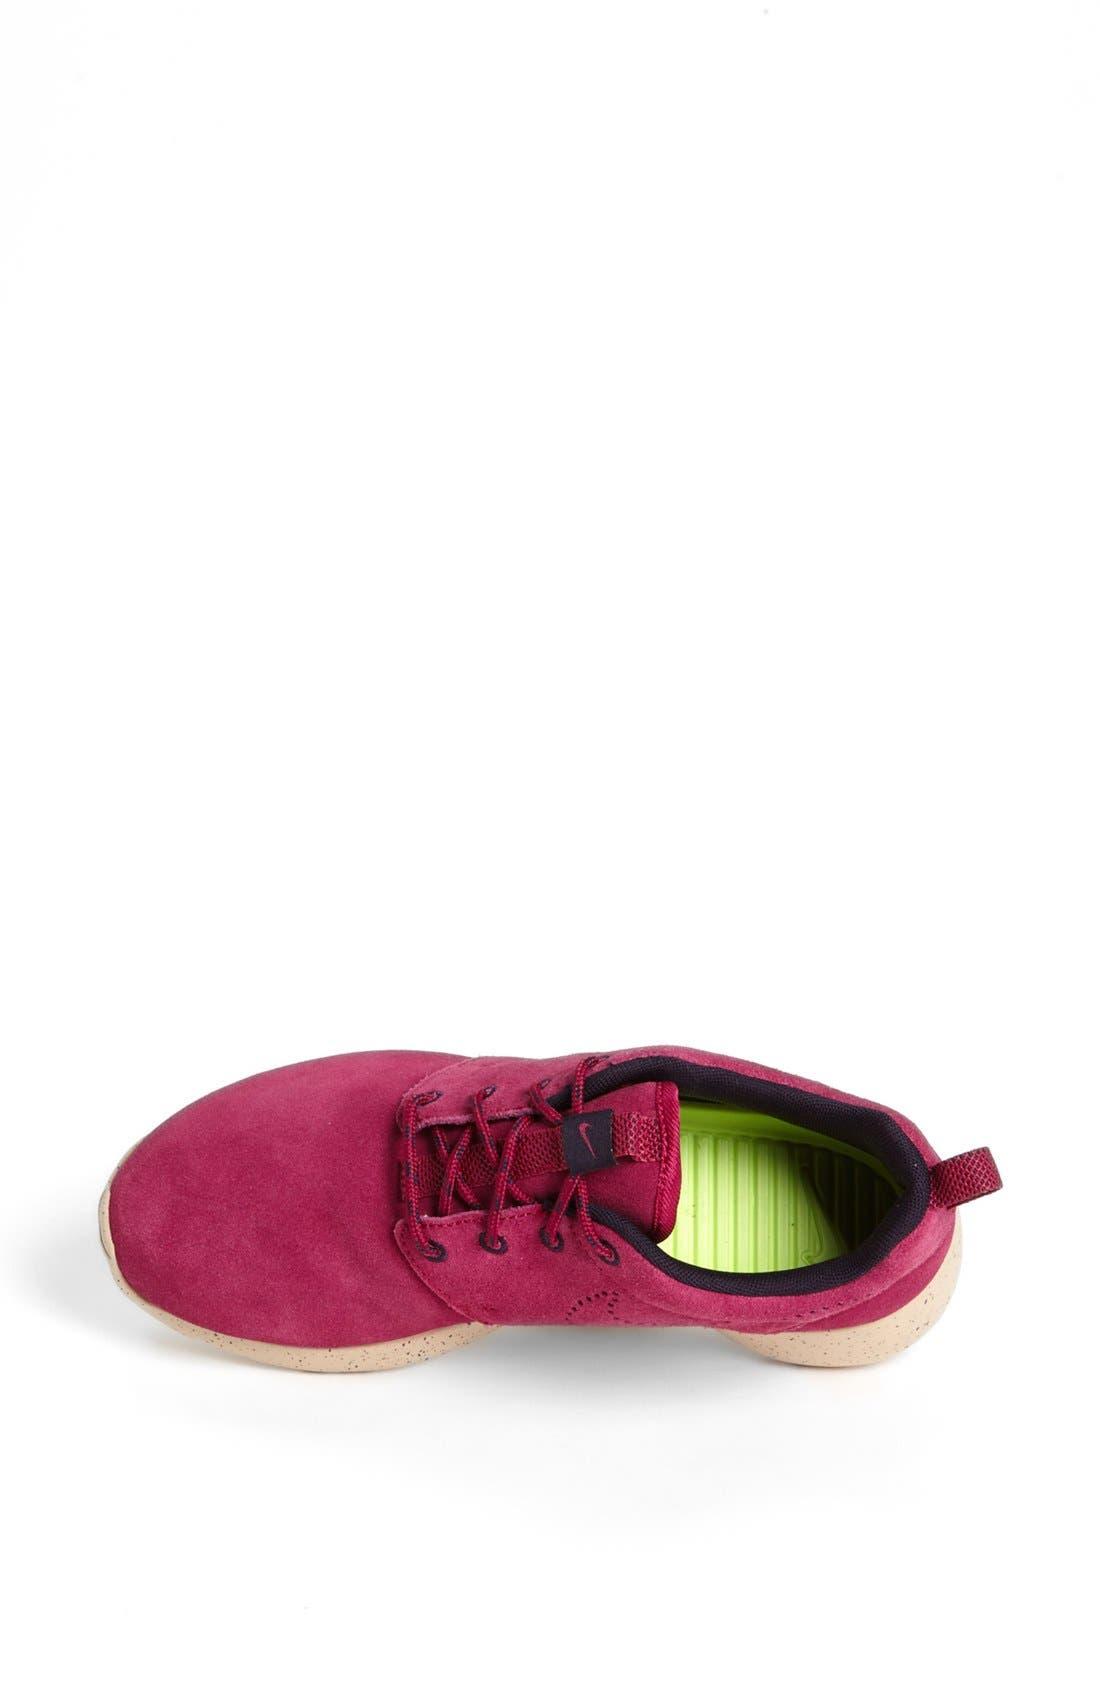 Alternate Image 3  - Nike 'Roshe Run' Sneaker (Women)